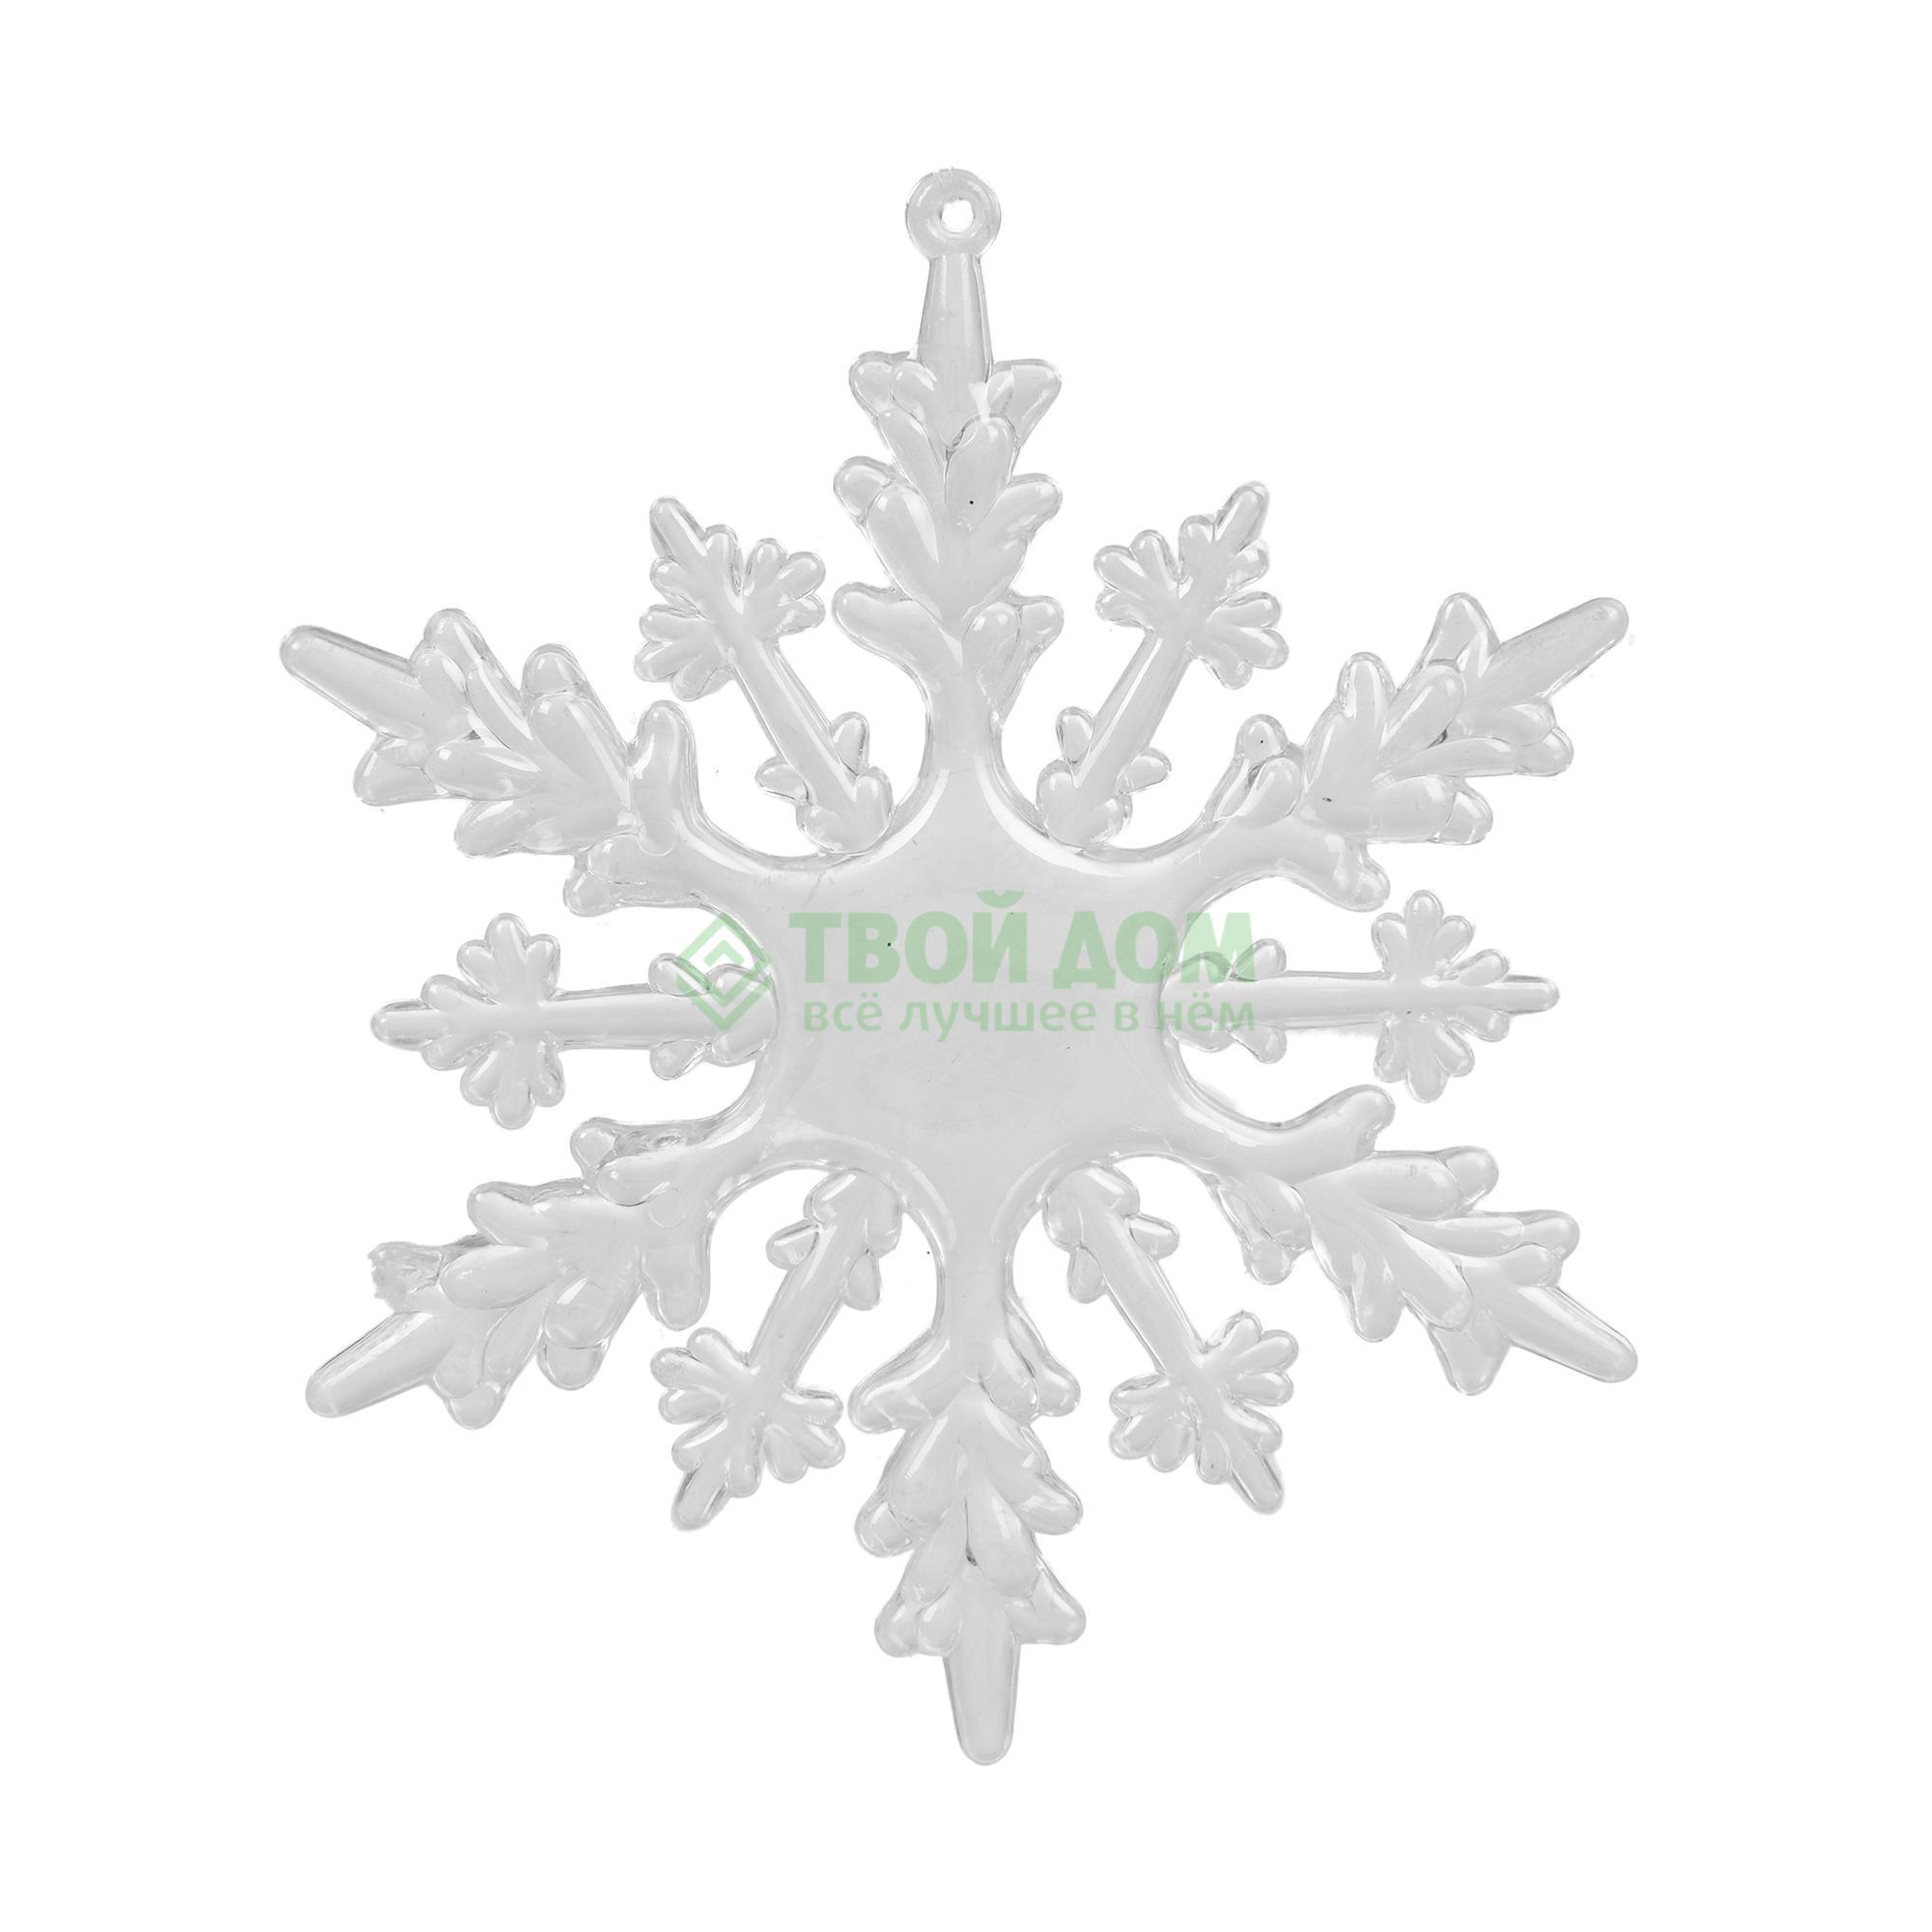 Игрушка KaemingK Снежинка 10см 2шт (517925)